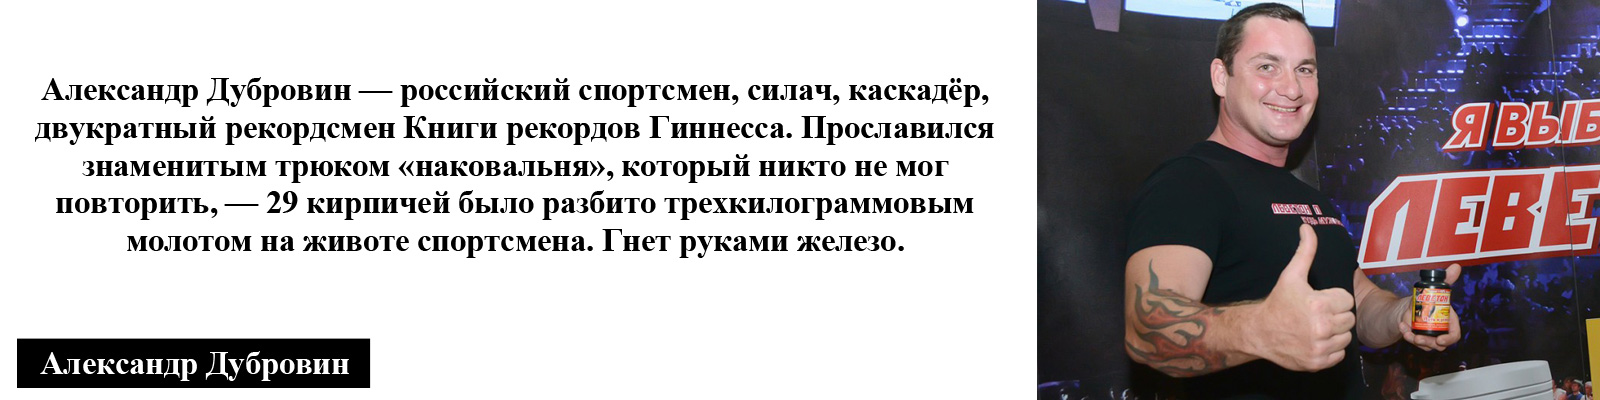 Александр Дубровин - силач, каскадер, культурист